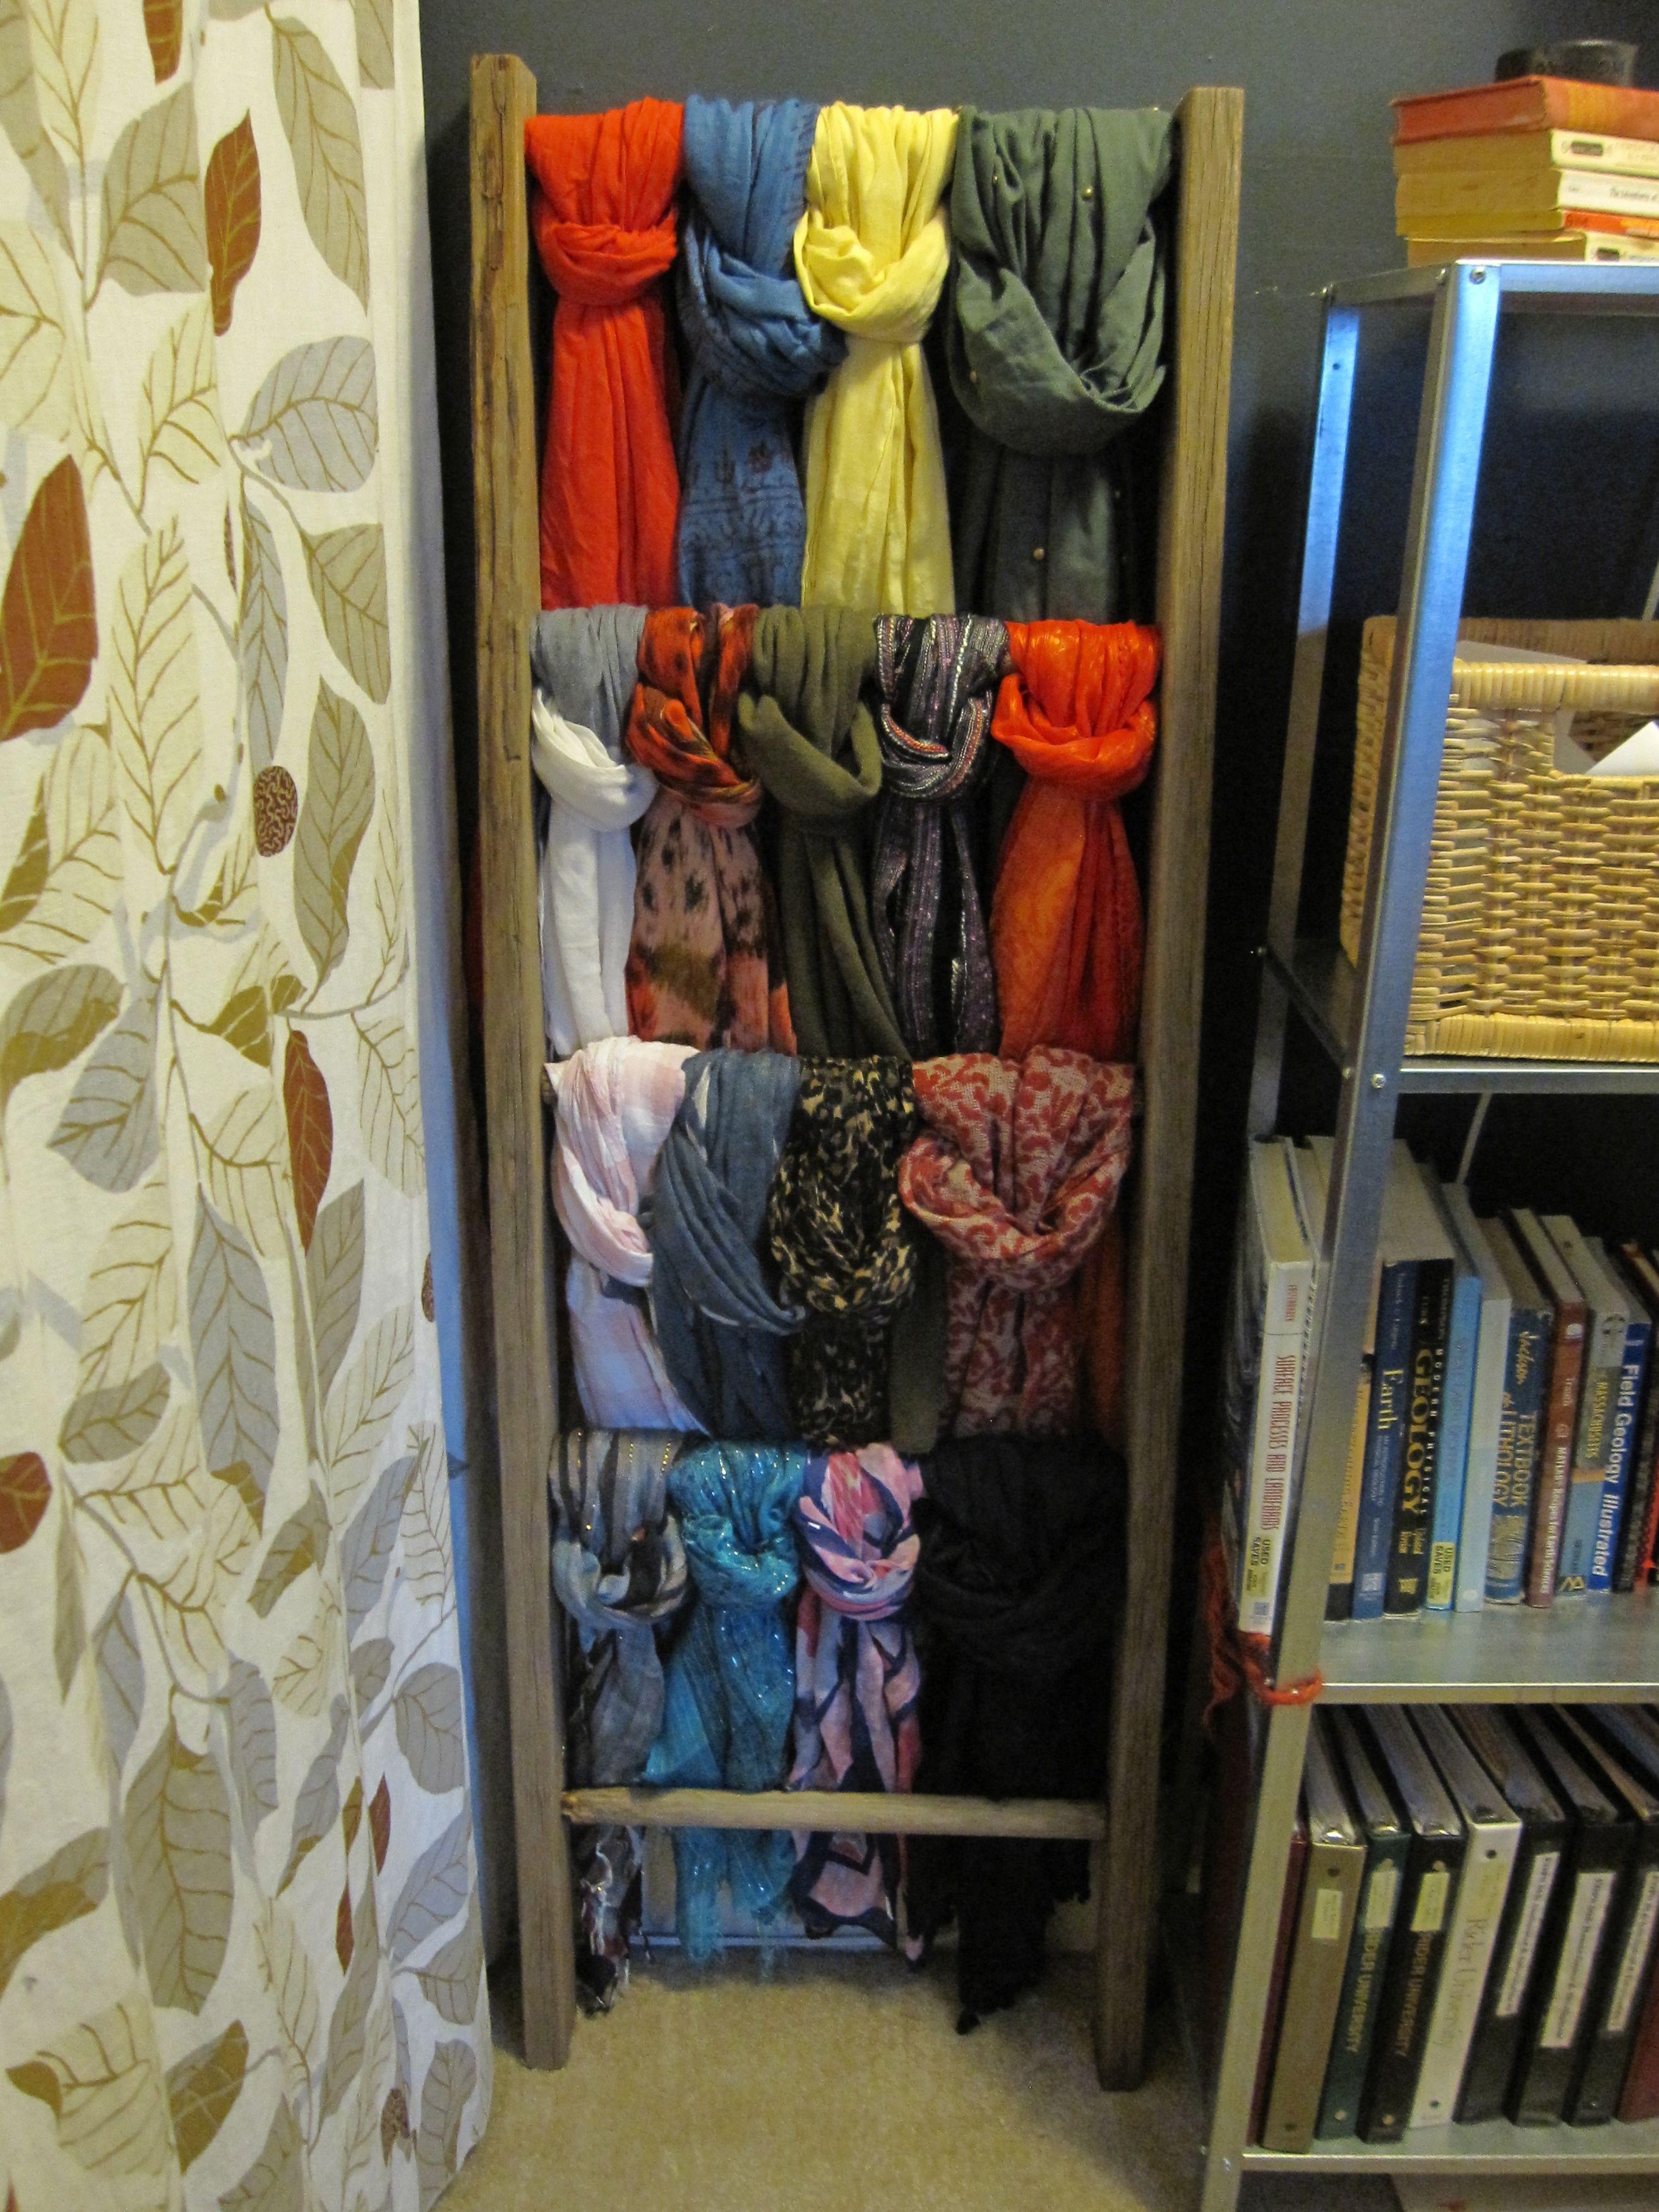 MUST DO! old ladder for hanging up scarves